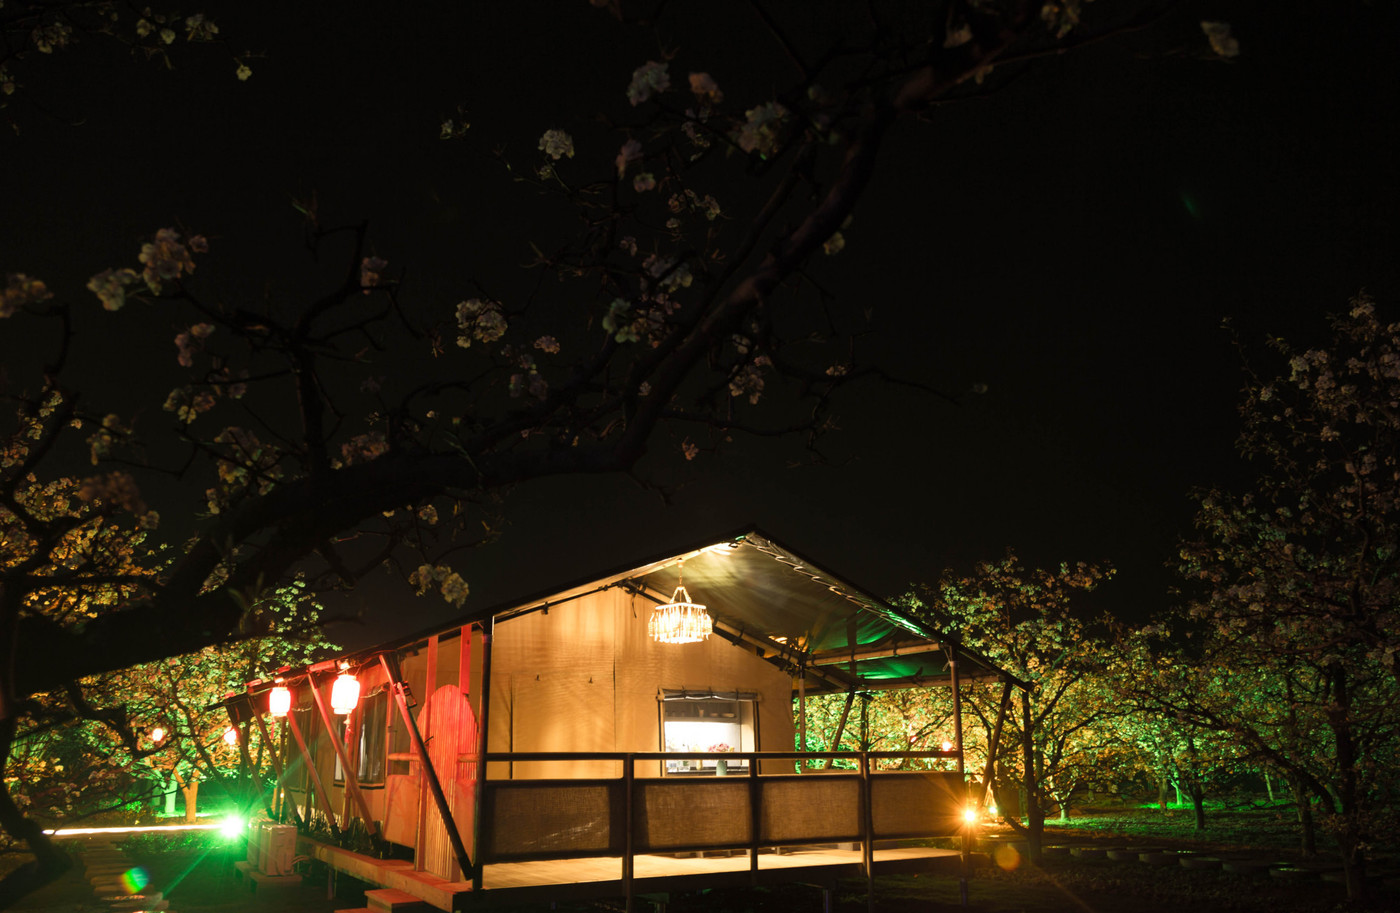 喜马拉雅野奢帐篷酒店—安徽砀山东篱蓬芦梨园帐篷酒店10